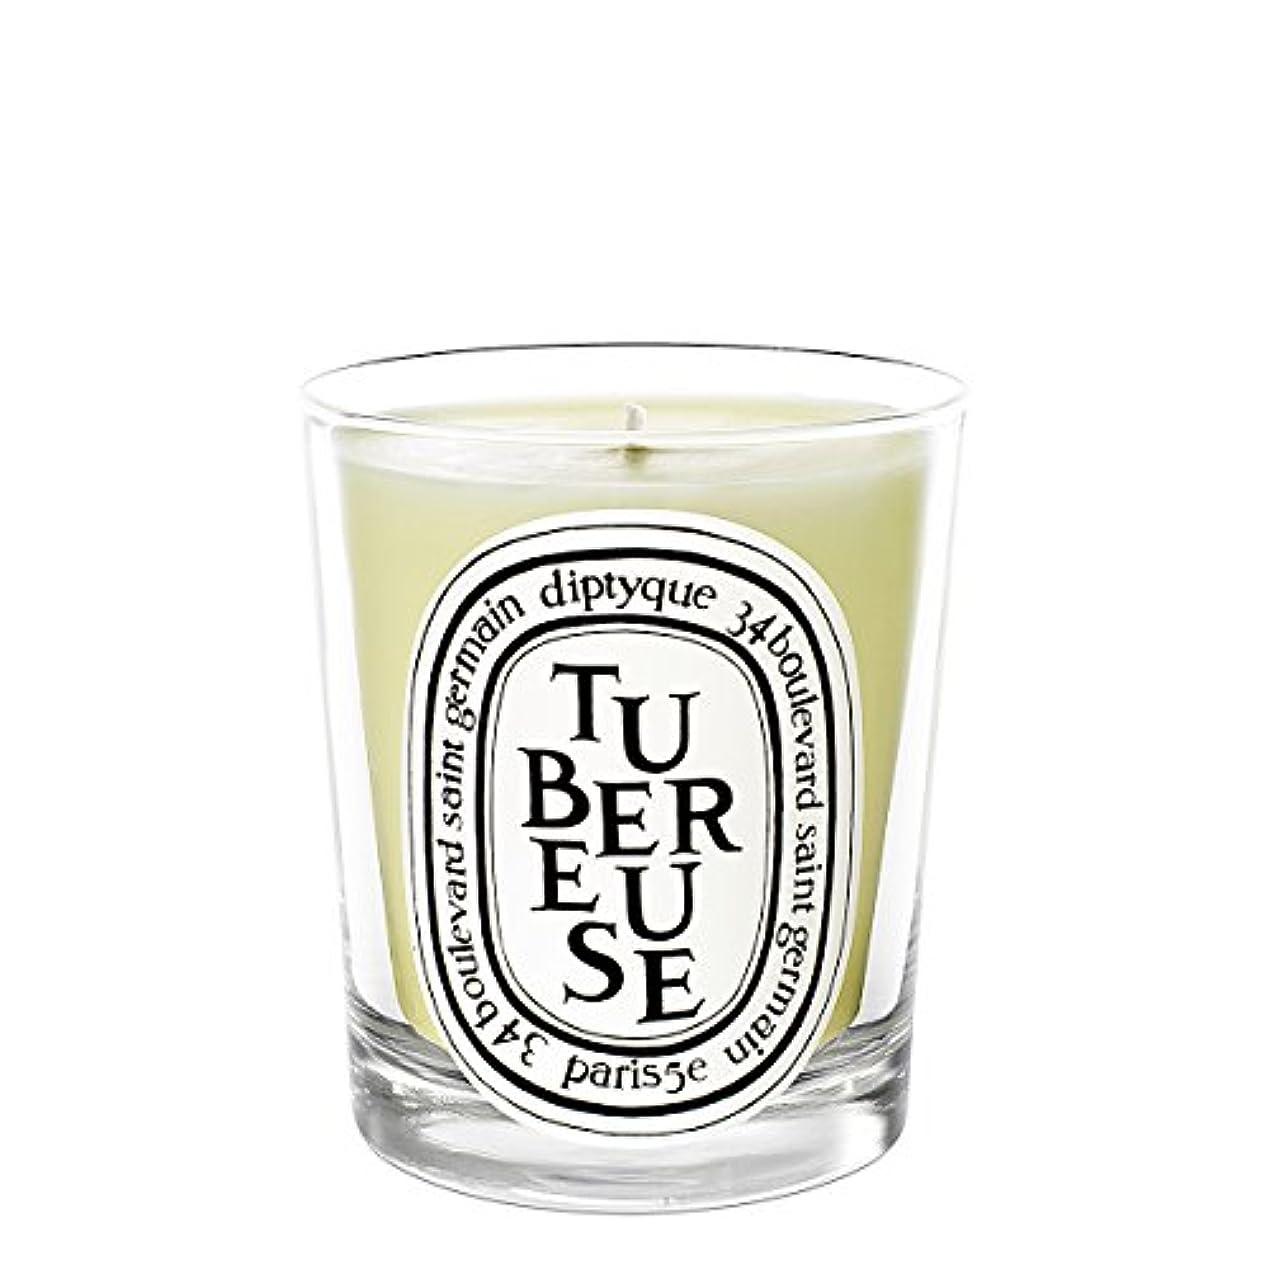 ミトン立方体甘美なディプティック Scented Candle - Tubereuse (Tuberose) 70g/2.4oz並行輸入品